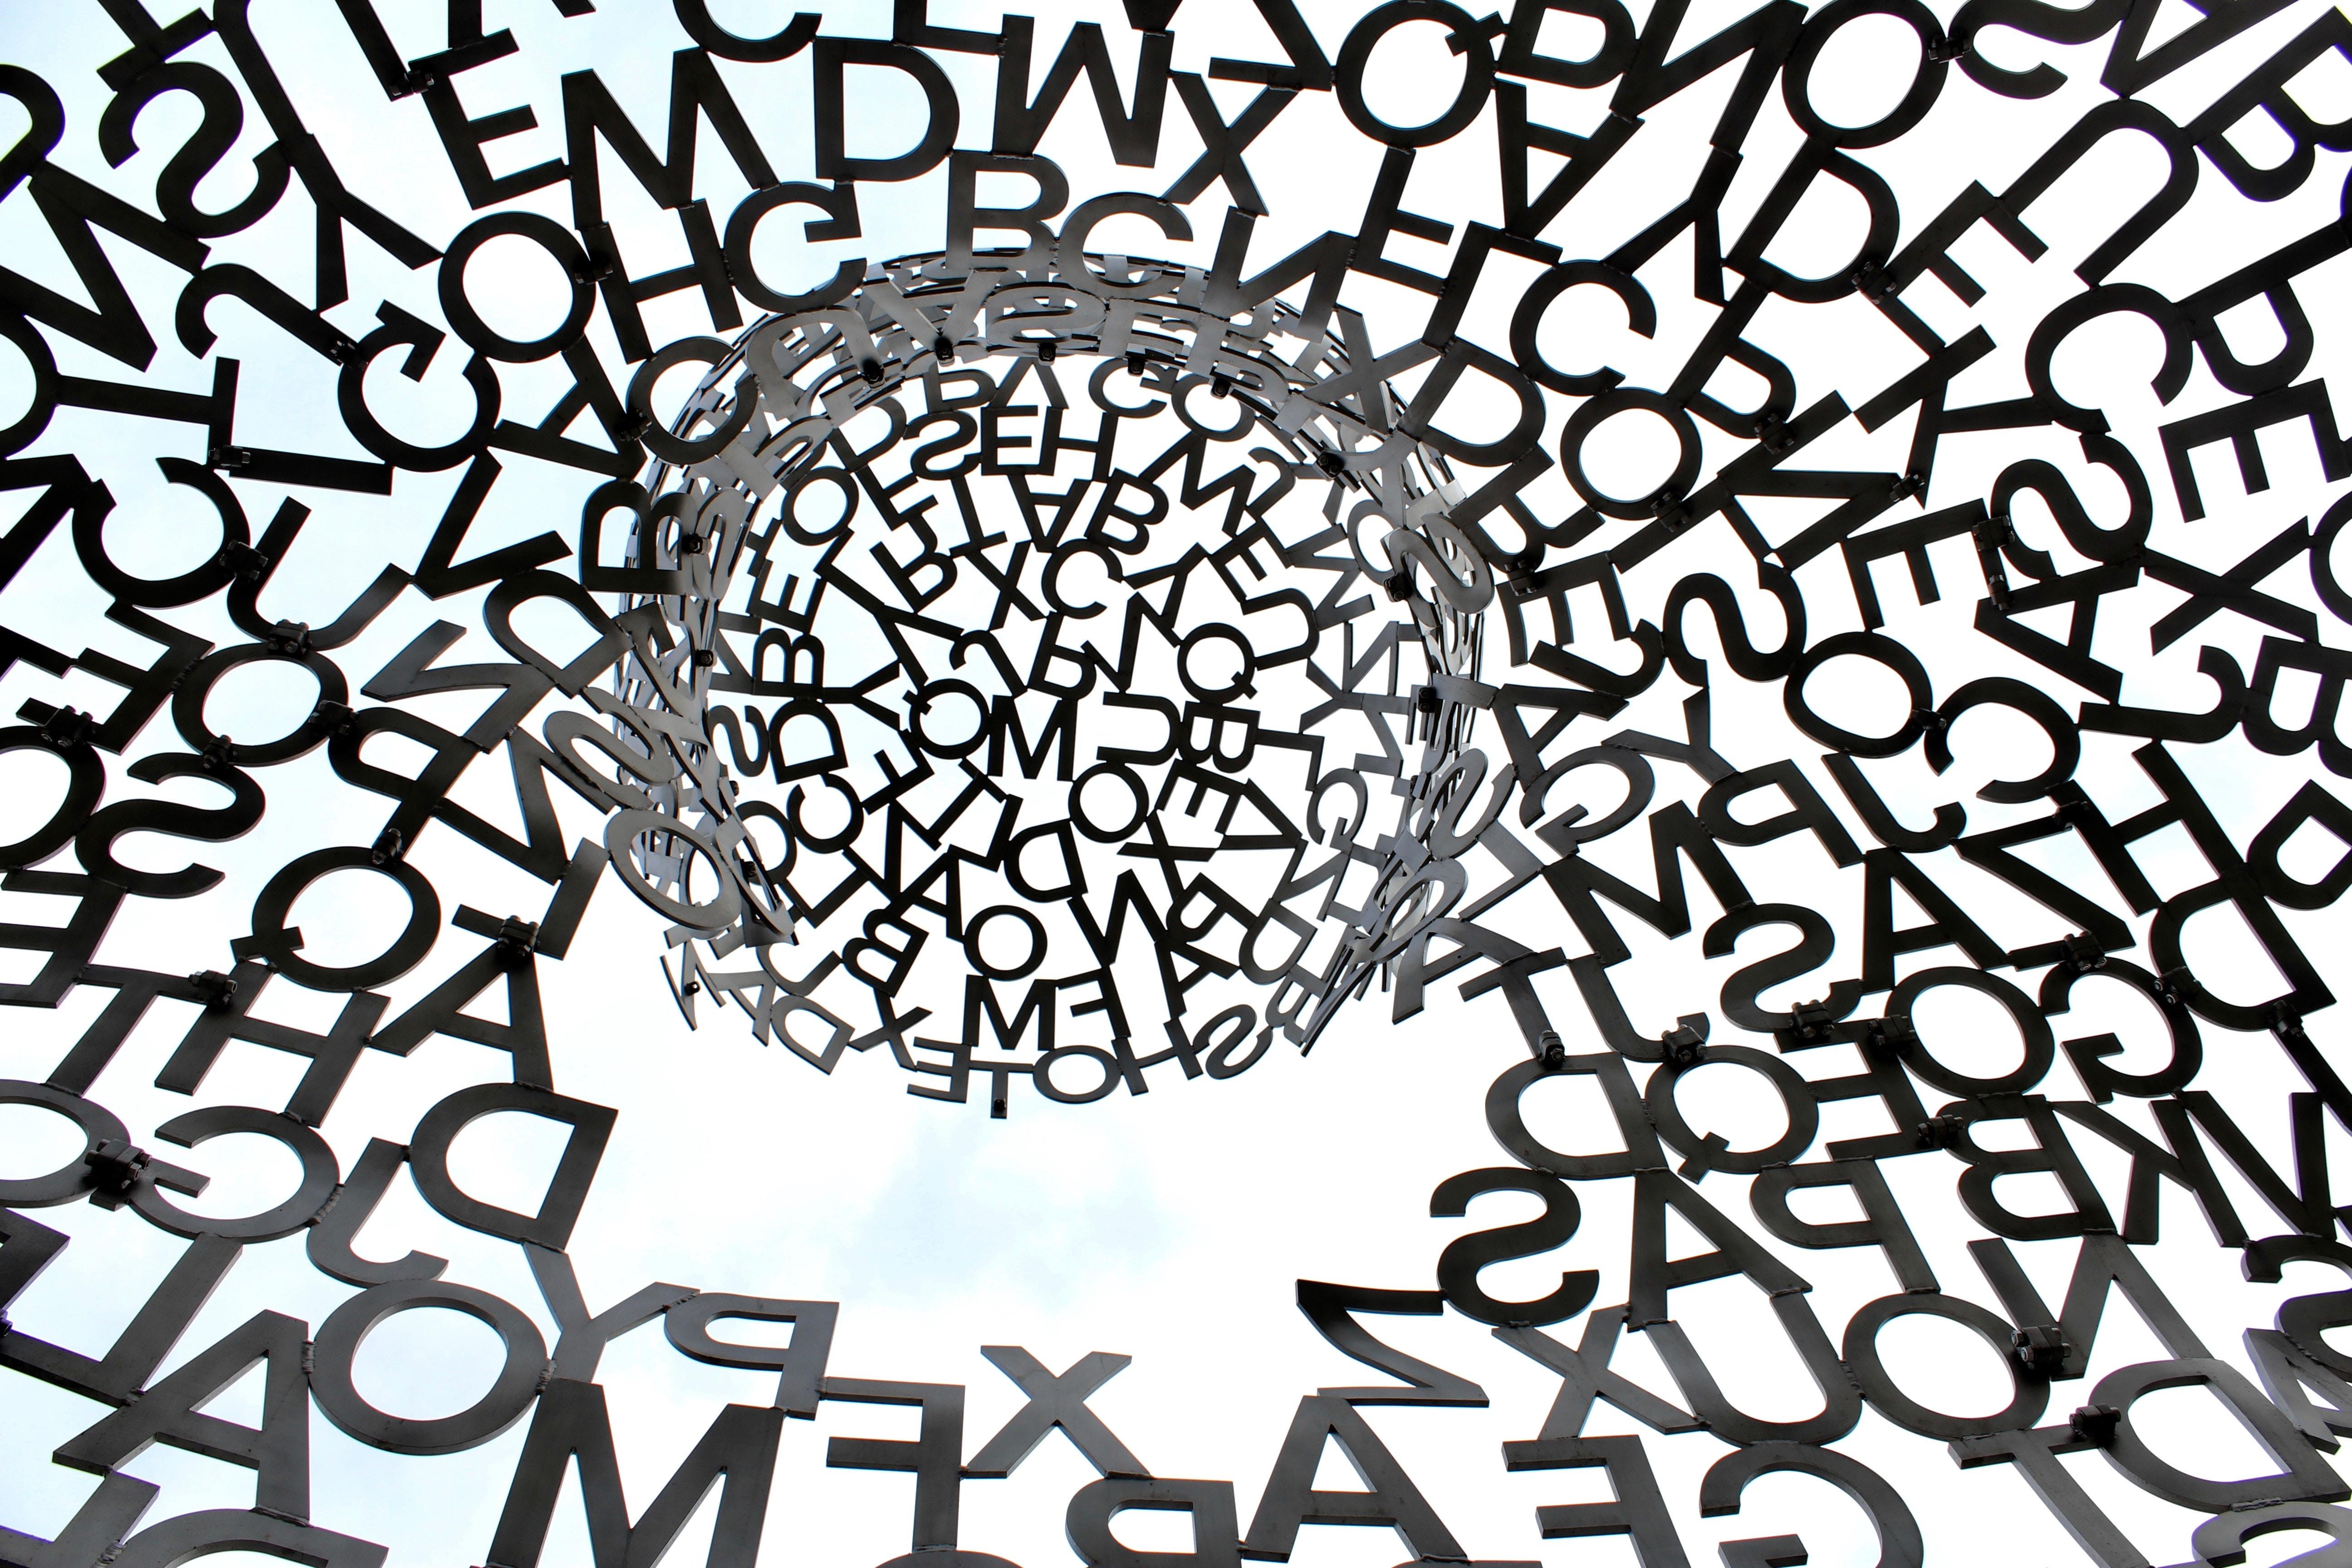 palabras frases seo conceptos contenidos email marketing.jpg